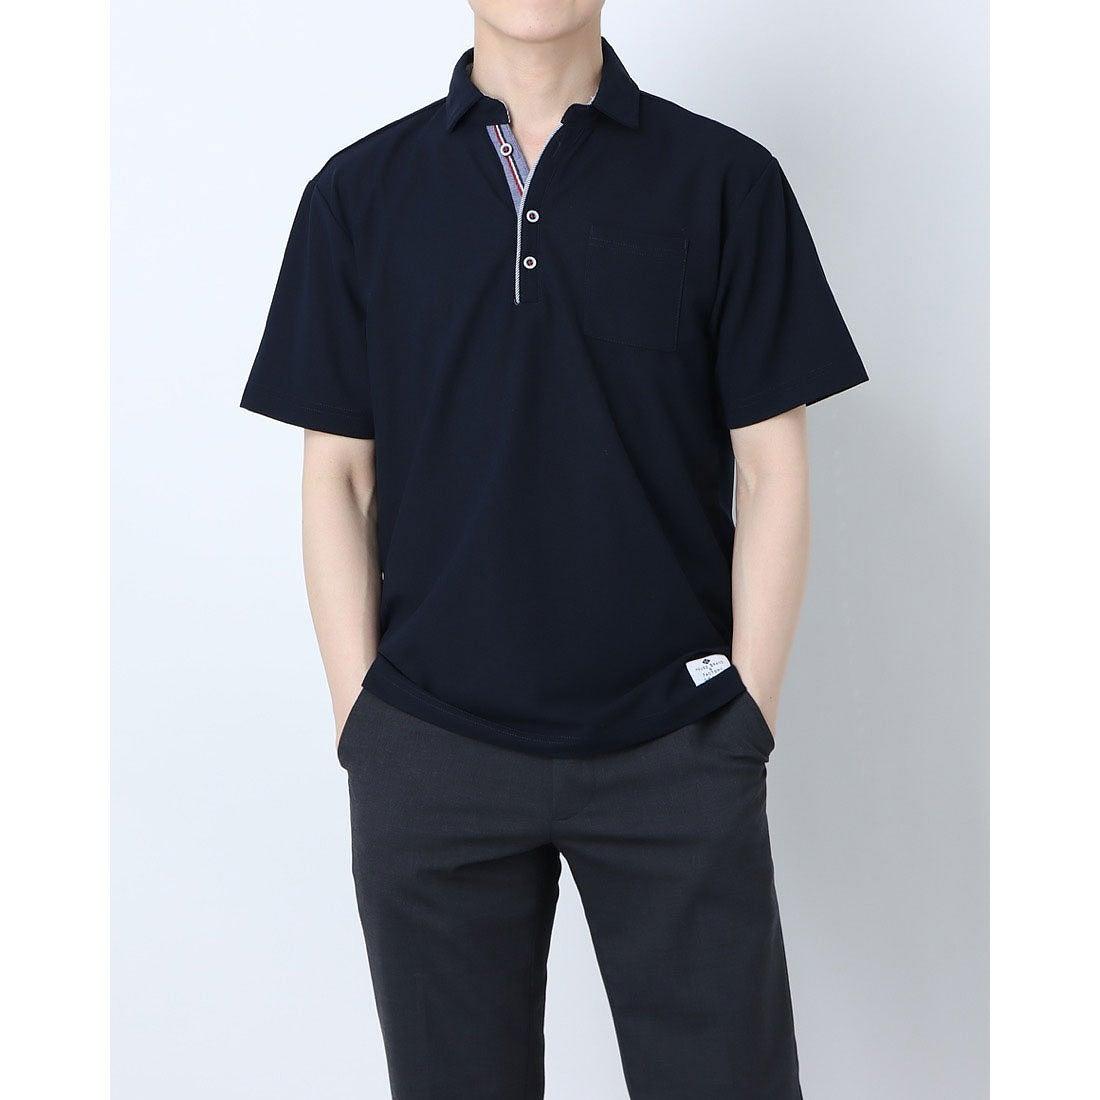 ロコンド 靴とファッションの通販サイトスタイルブロック STYLEBLOCK ドライカノコポロシャツ (ネイビー)